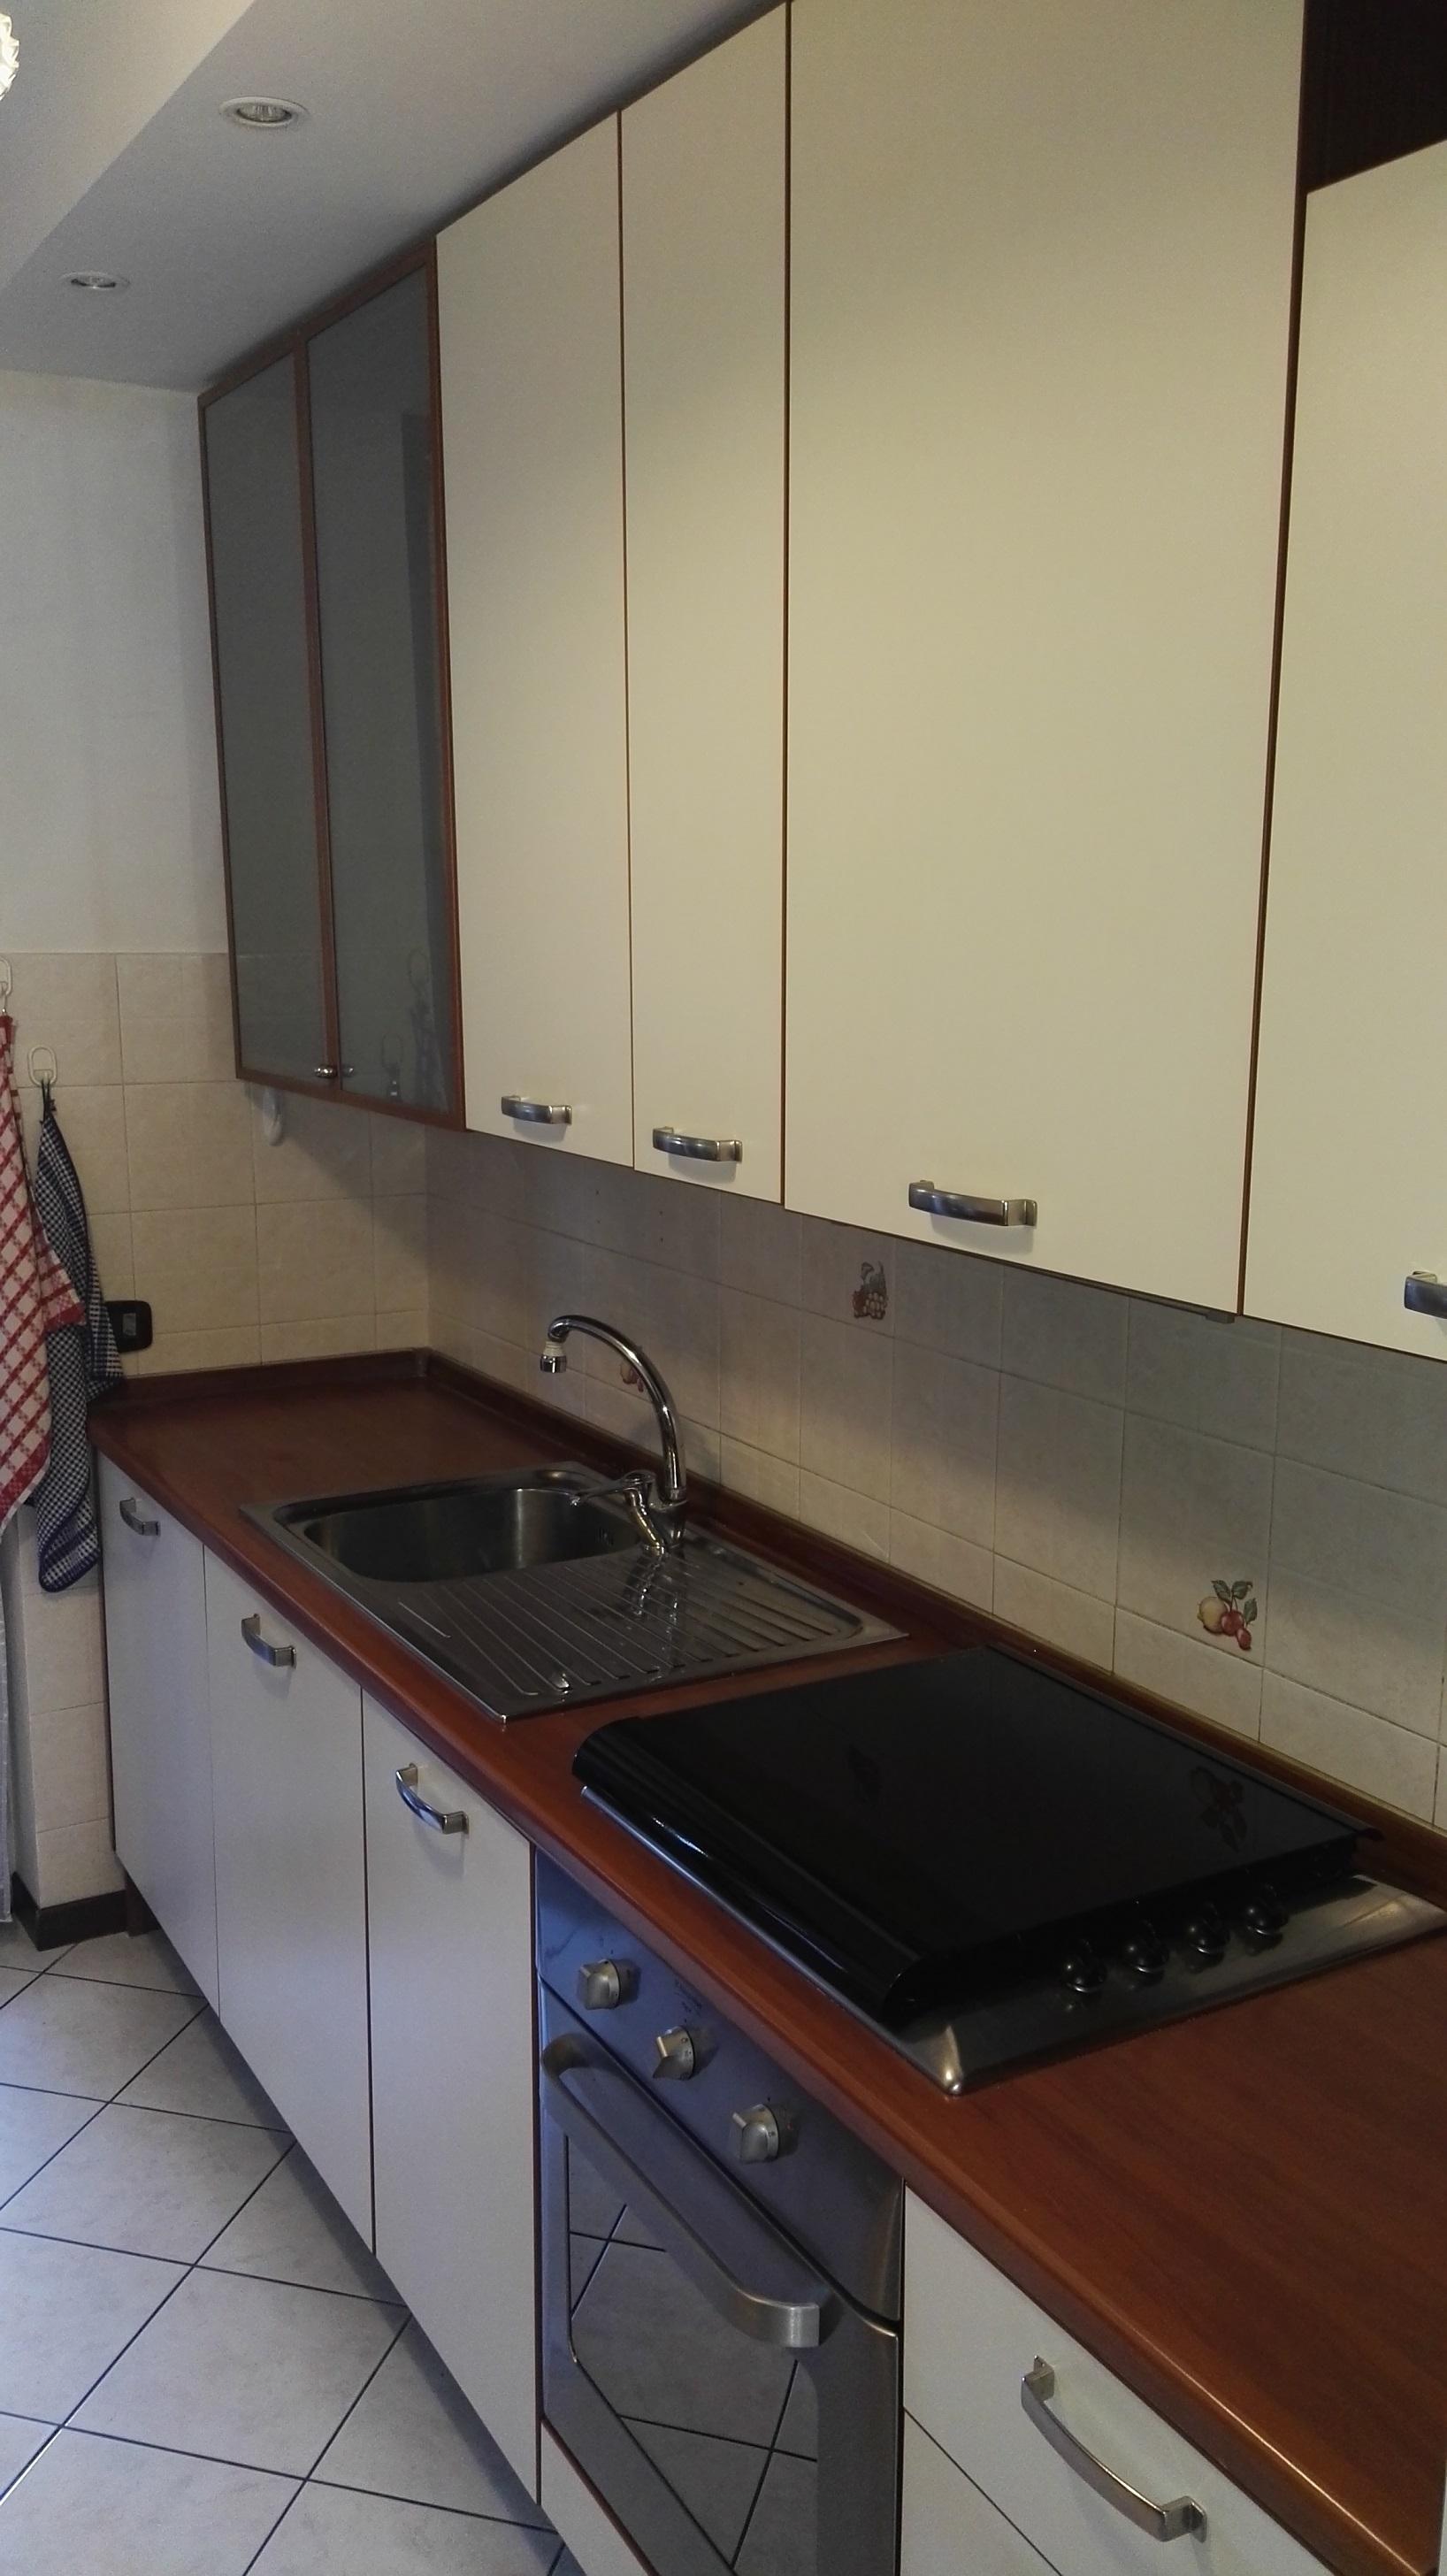 Cucina Aran Cucine Usata laminato beige - Cucine a prezzi scontati